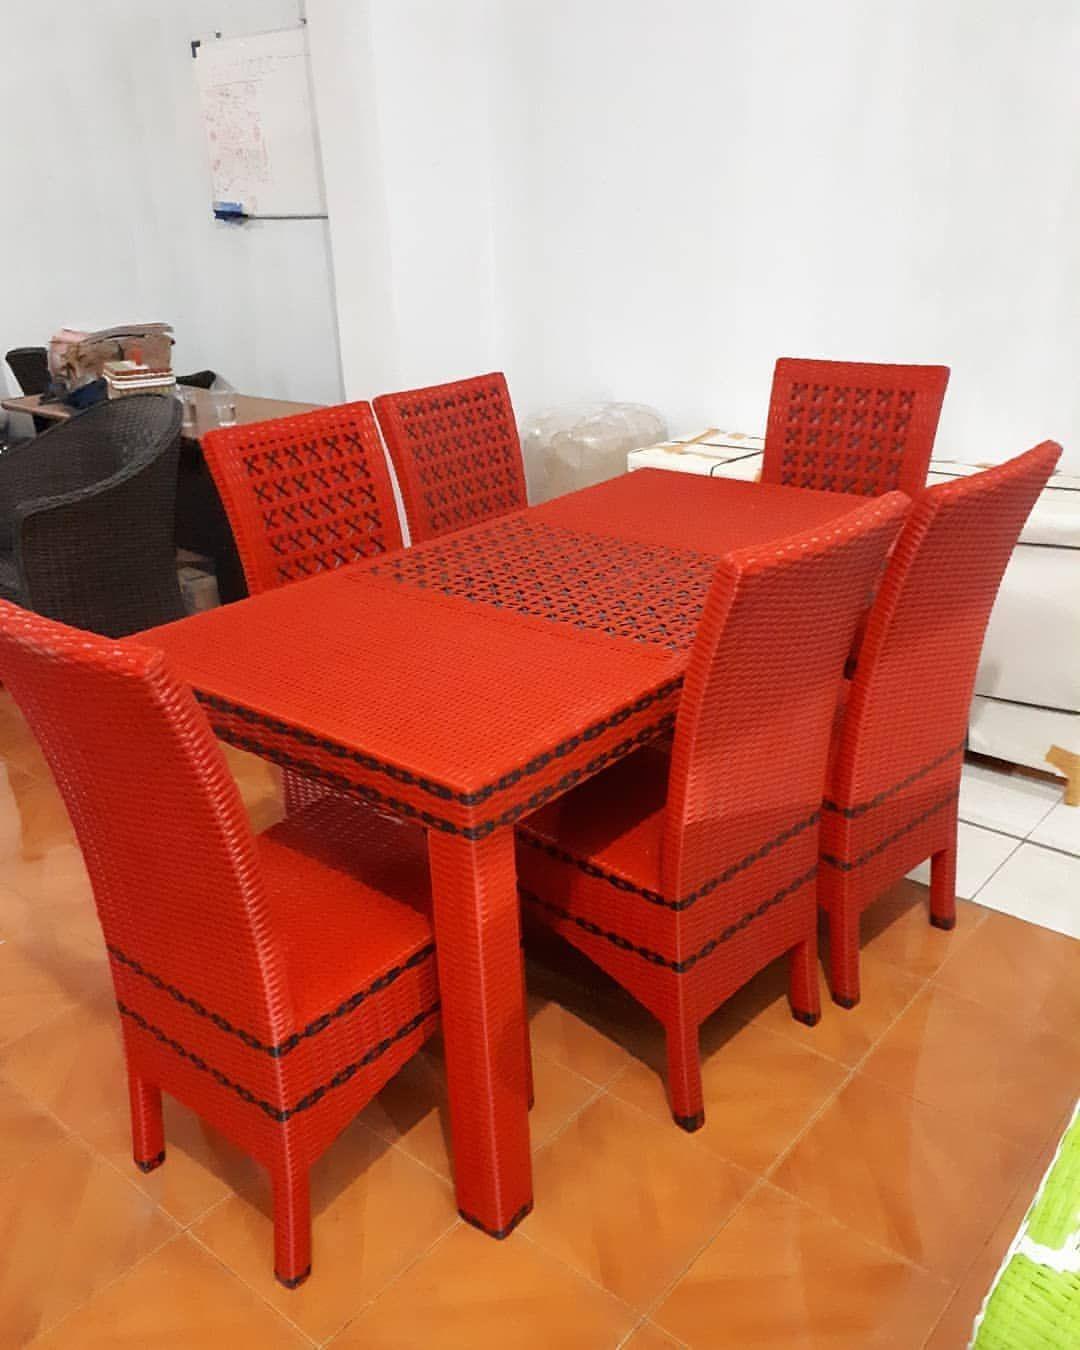 Harga Promo Semua Harga Yang Tertera Sudah Terhitung Dengan Expedisi Sekilas Tentang Upcycled Furniture Furniture For Small Spaces French Style Furniture